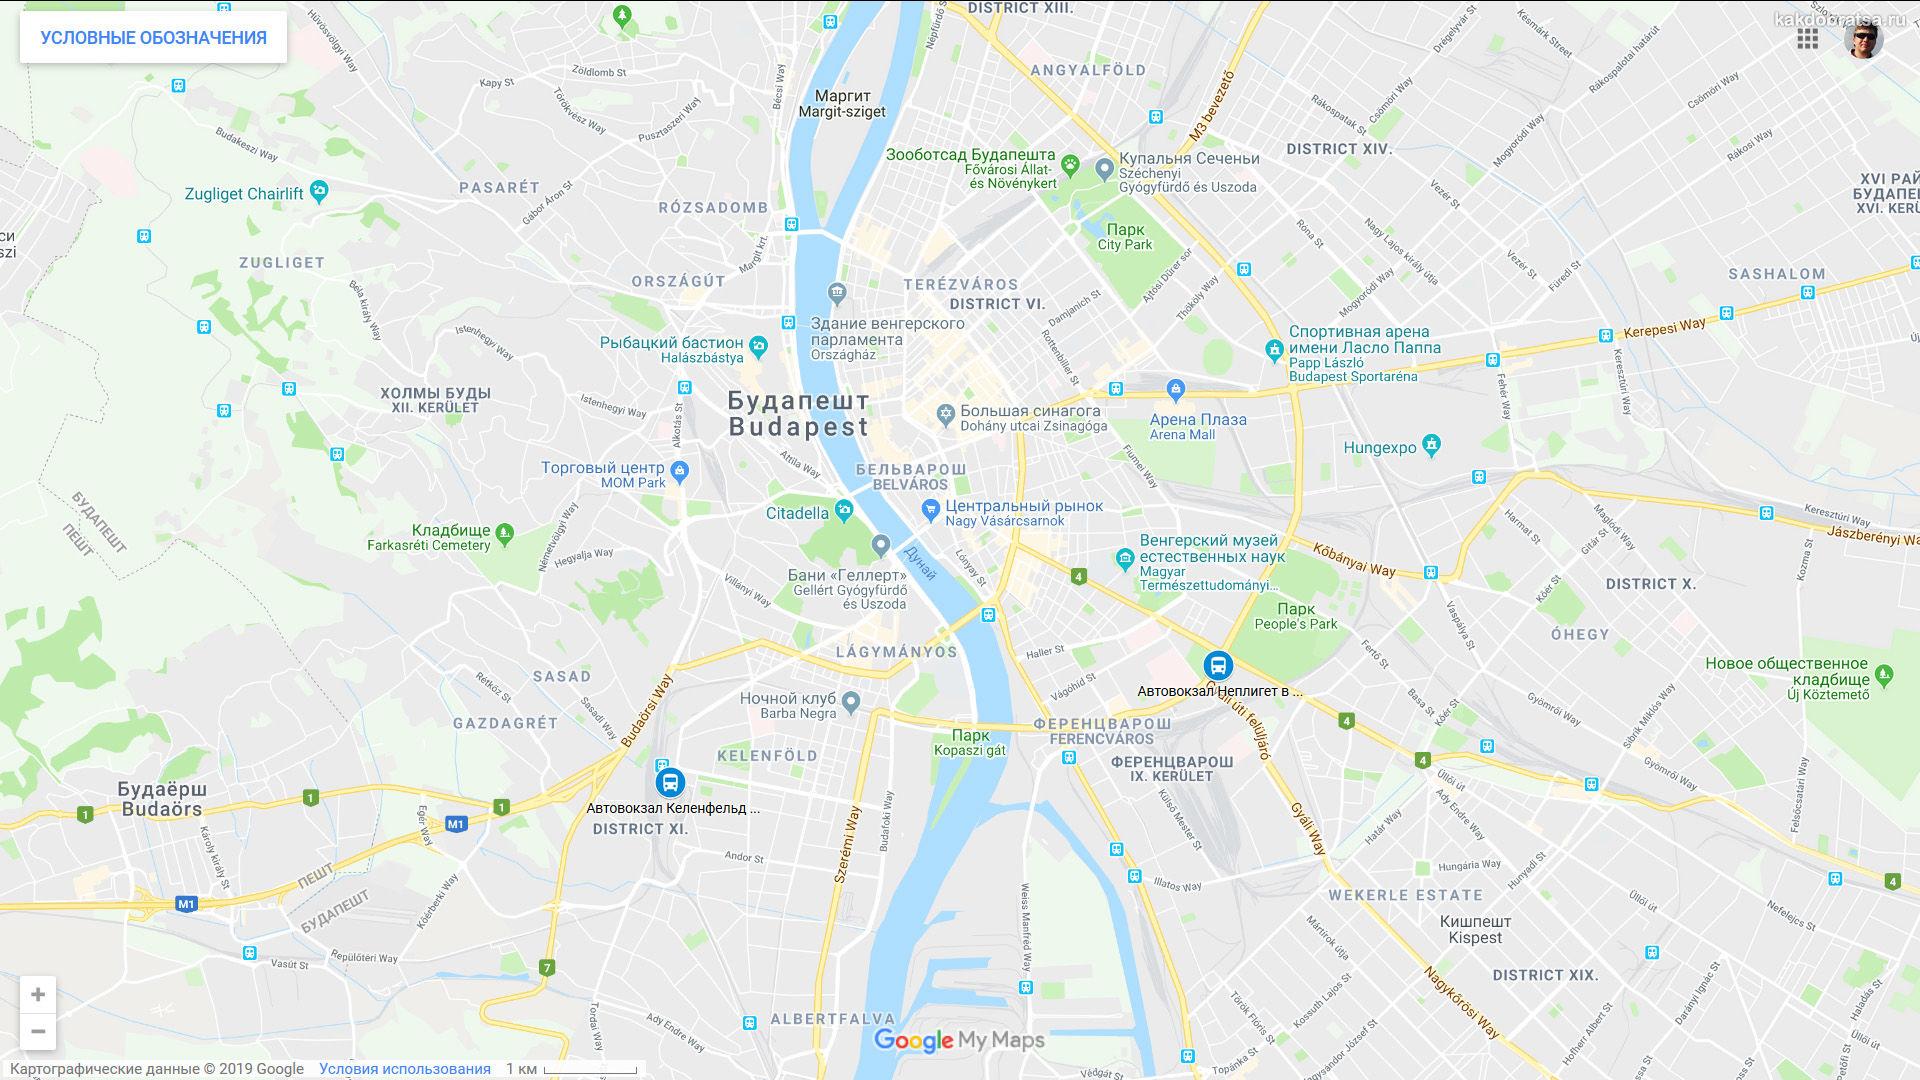 Автовокзалы Будапешта Неплигет и Келенфельд где находятся на карте